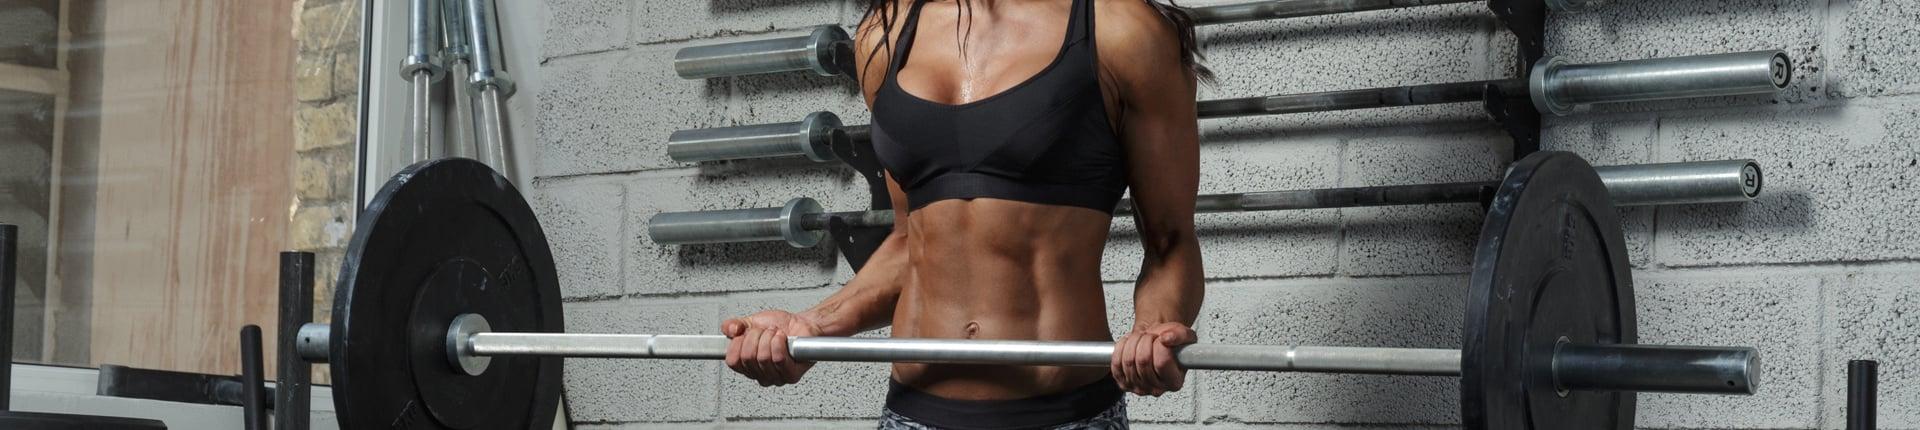 Żelazne reguły rządzące metabolizmem